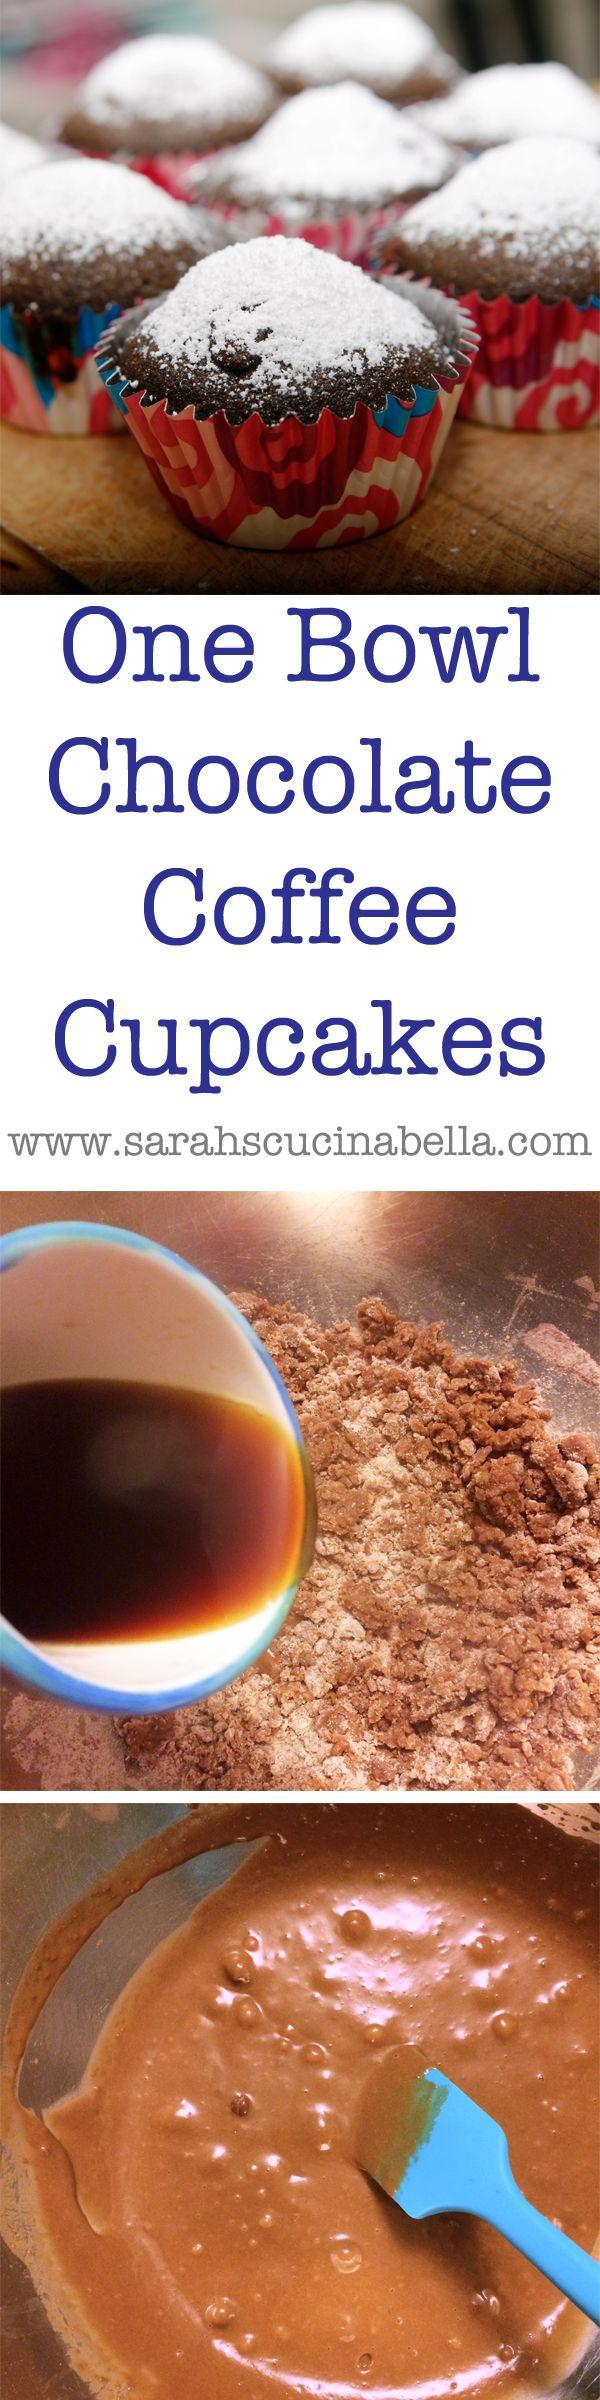 One Bowl Chocolate Coffee Cupcakes  #KACraftCoffee #sponsored